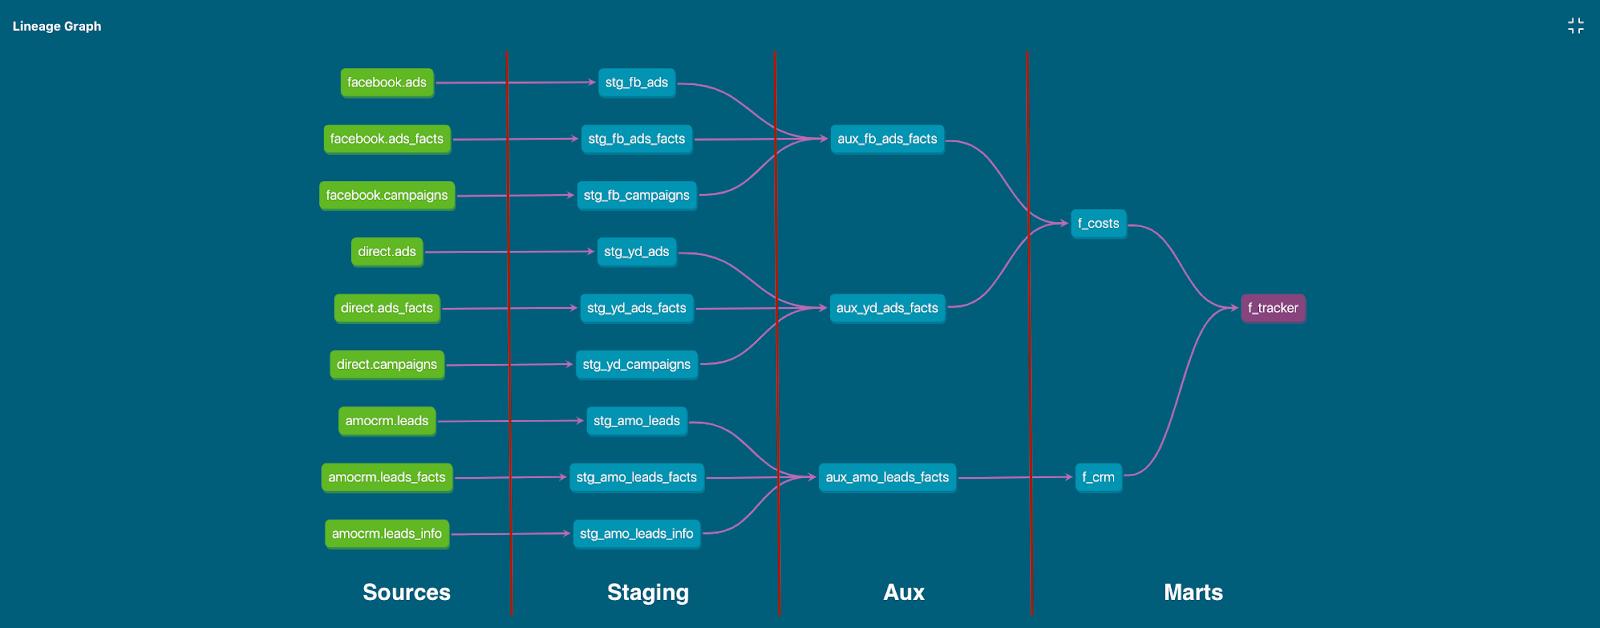 Цепочка зависимостей моделей: Источники -> Стейдж -> Вспомогательные -> Витрины